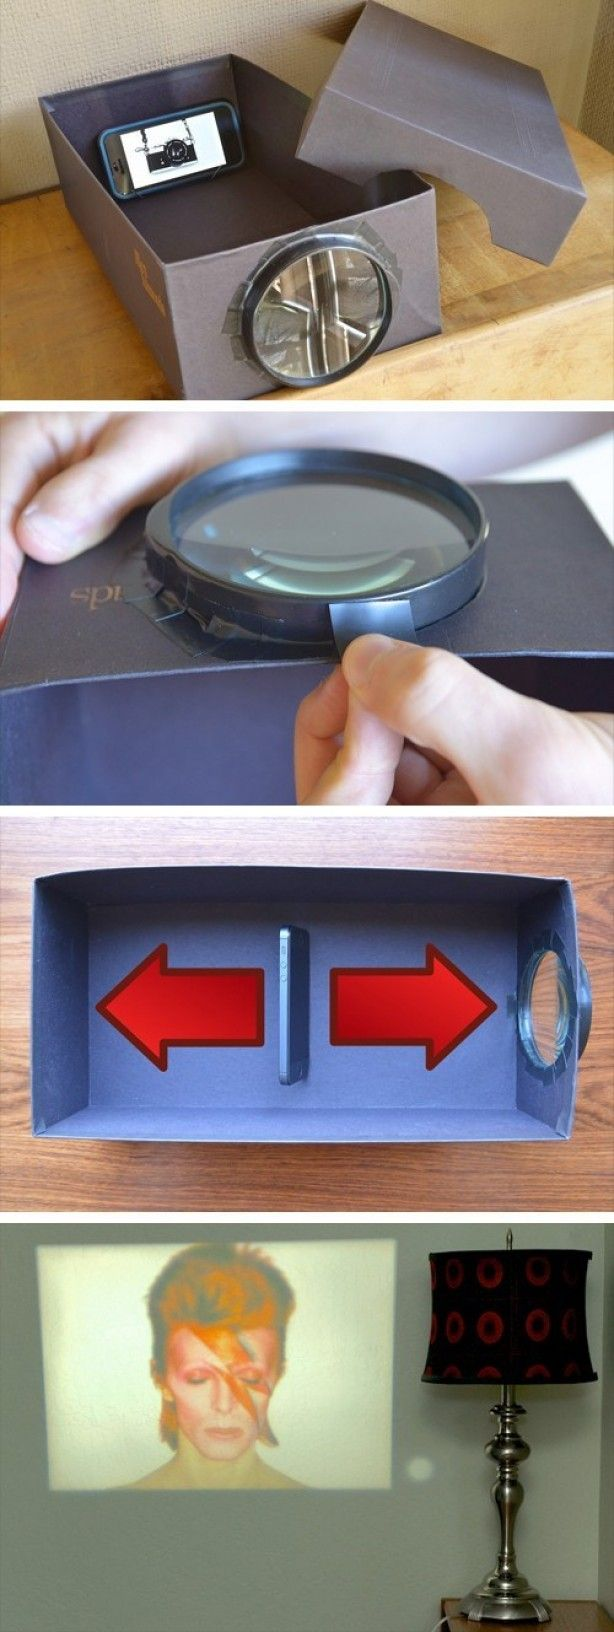 maak van je iphone een projector